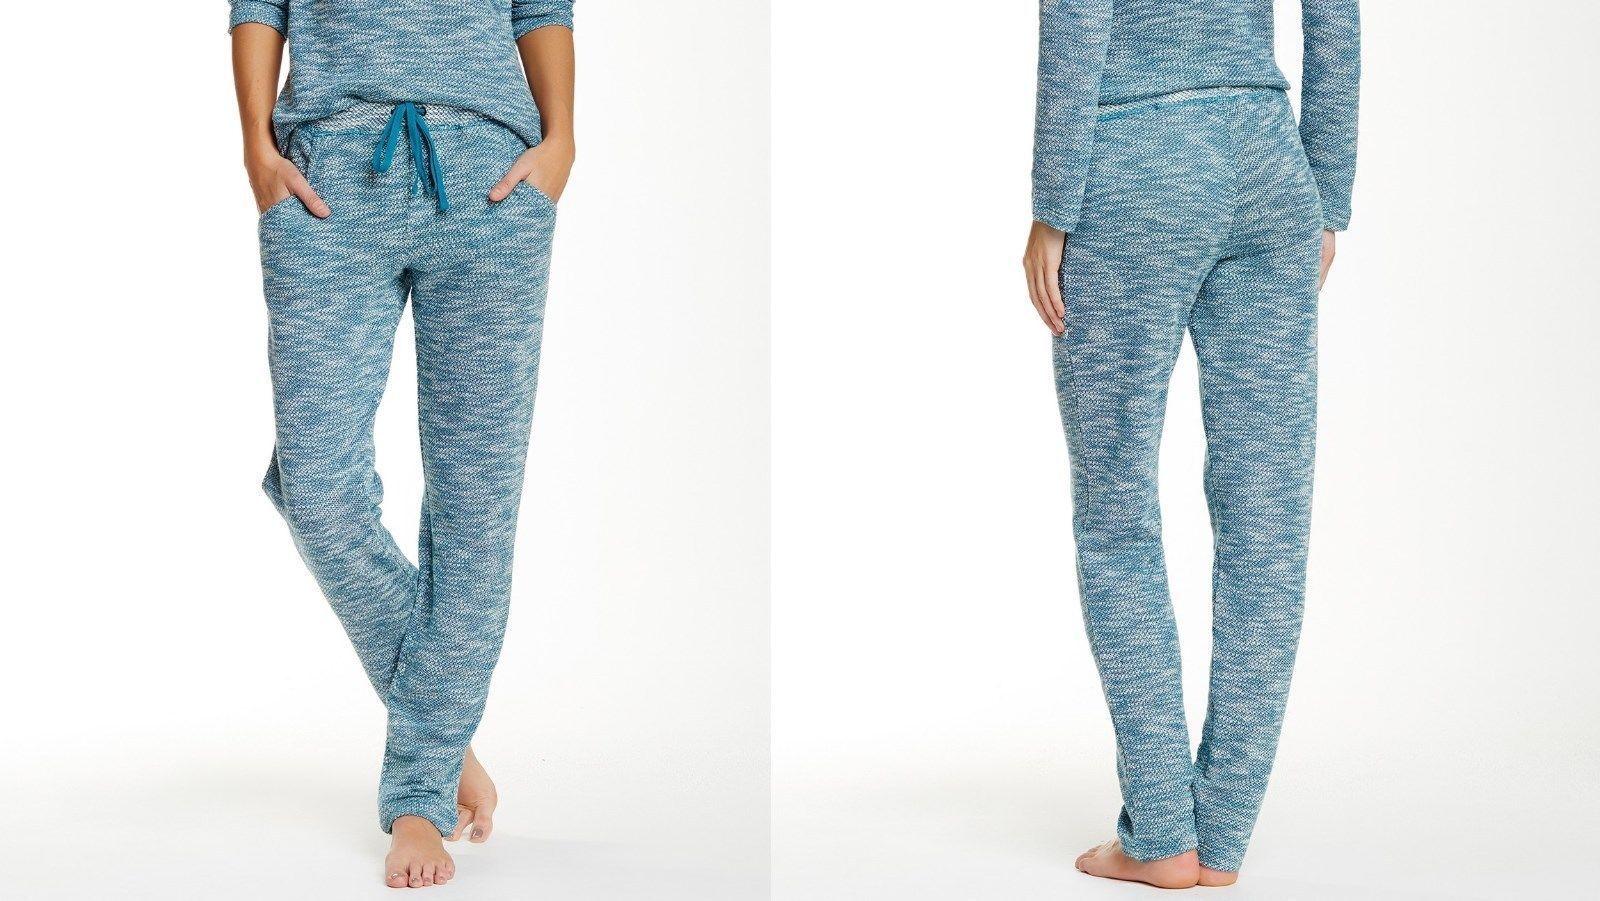 Josie by Natori Vice Versa Space-Dye Pants in Jade, Medium